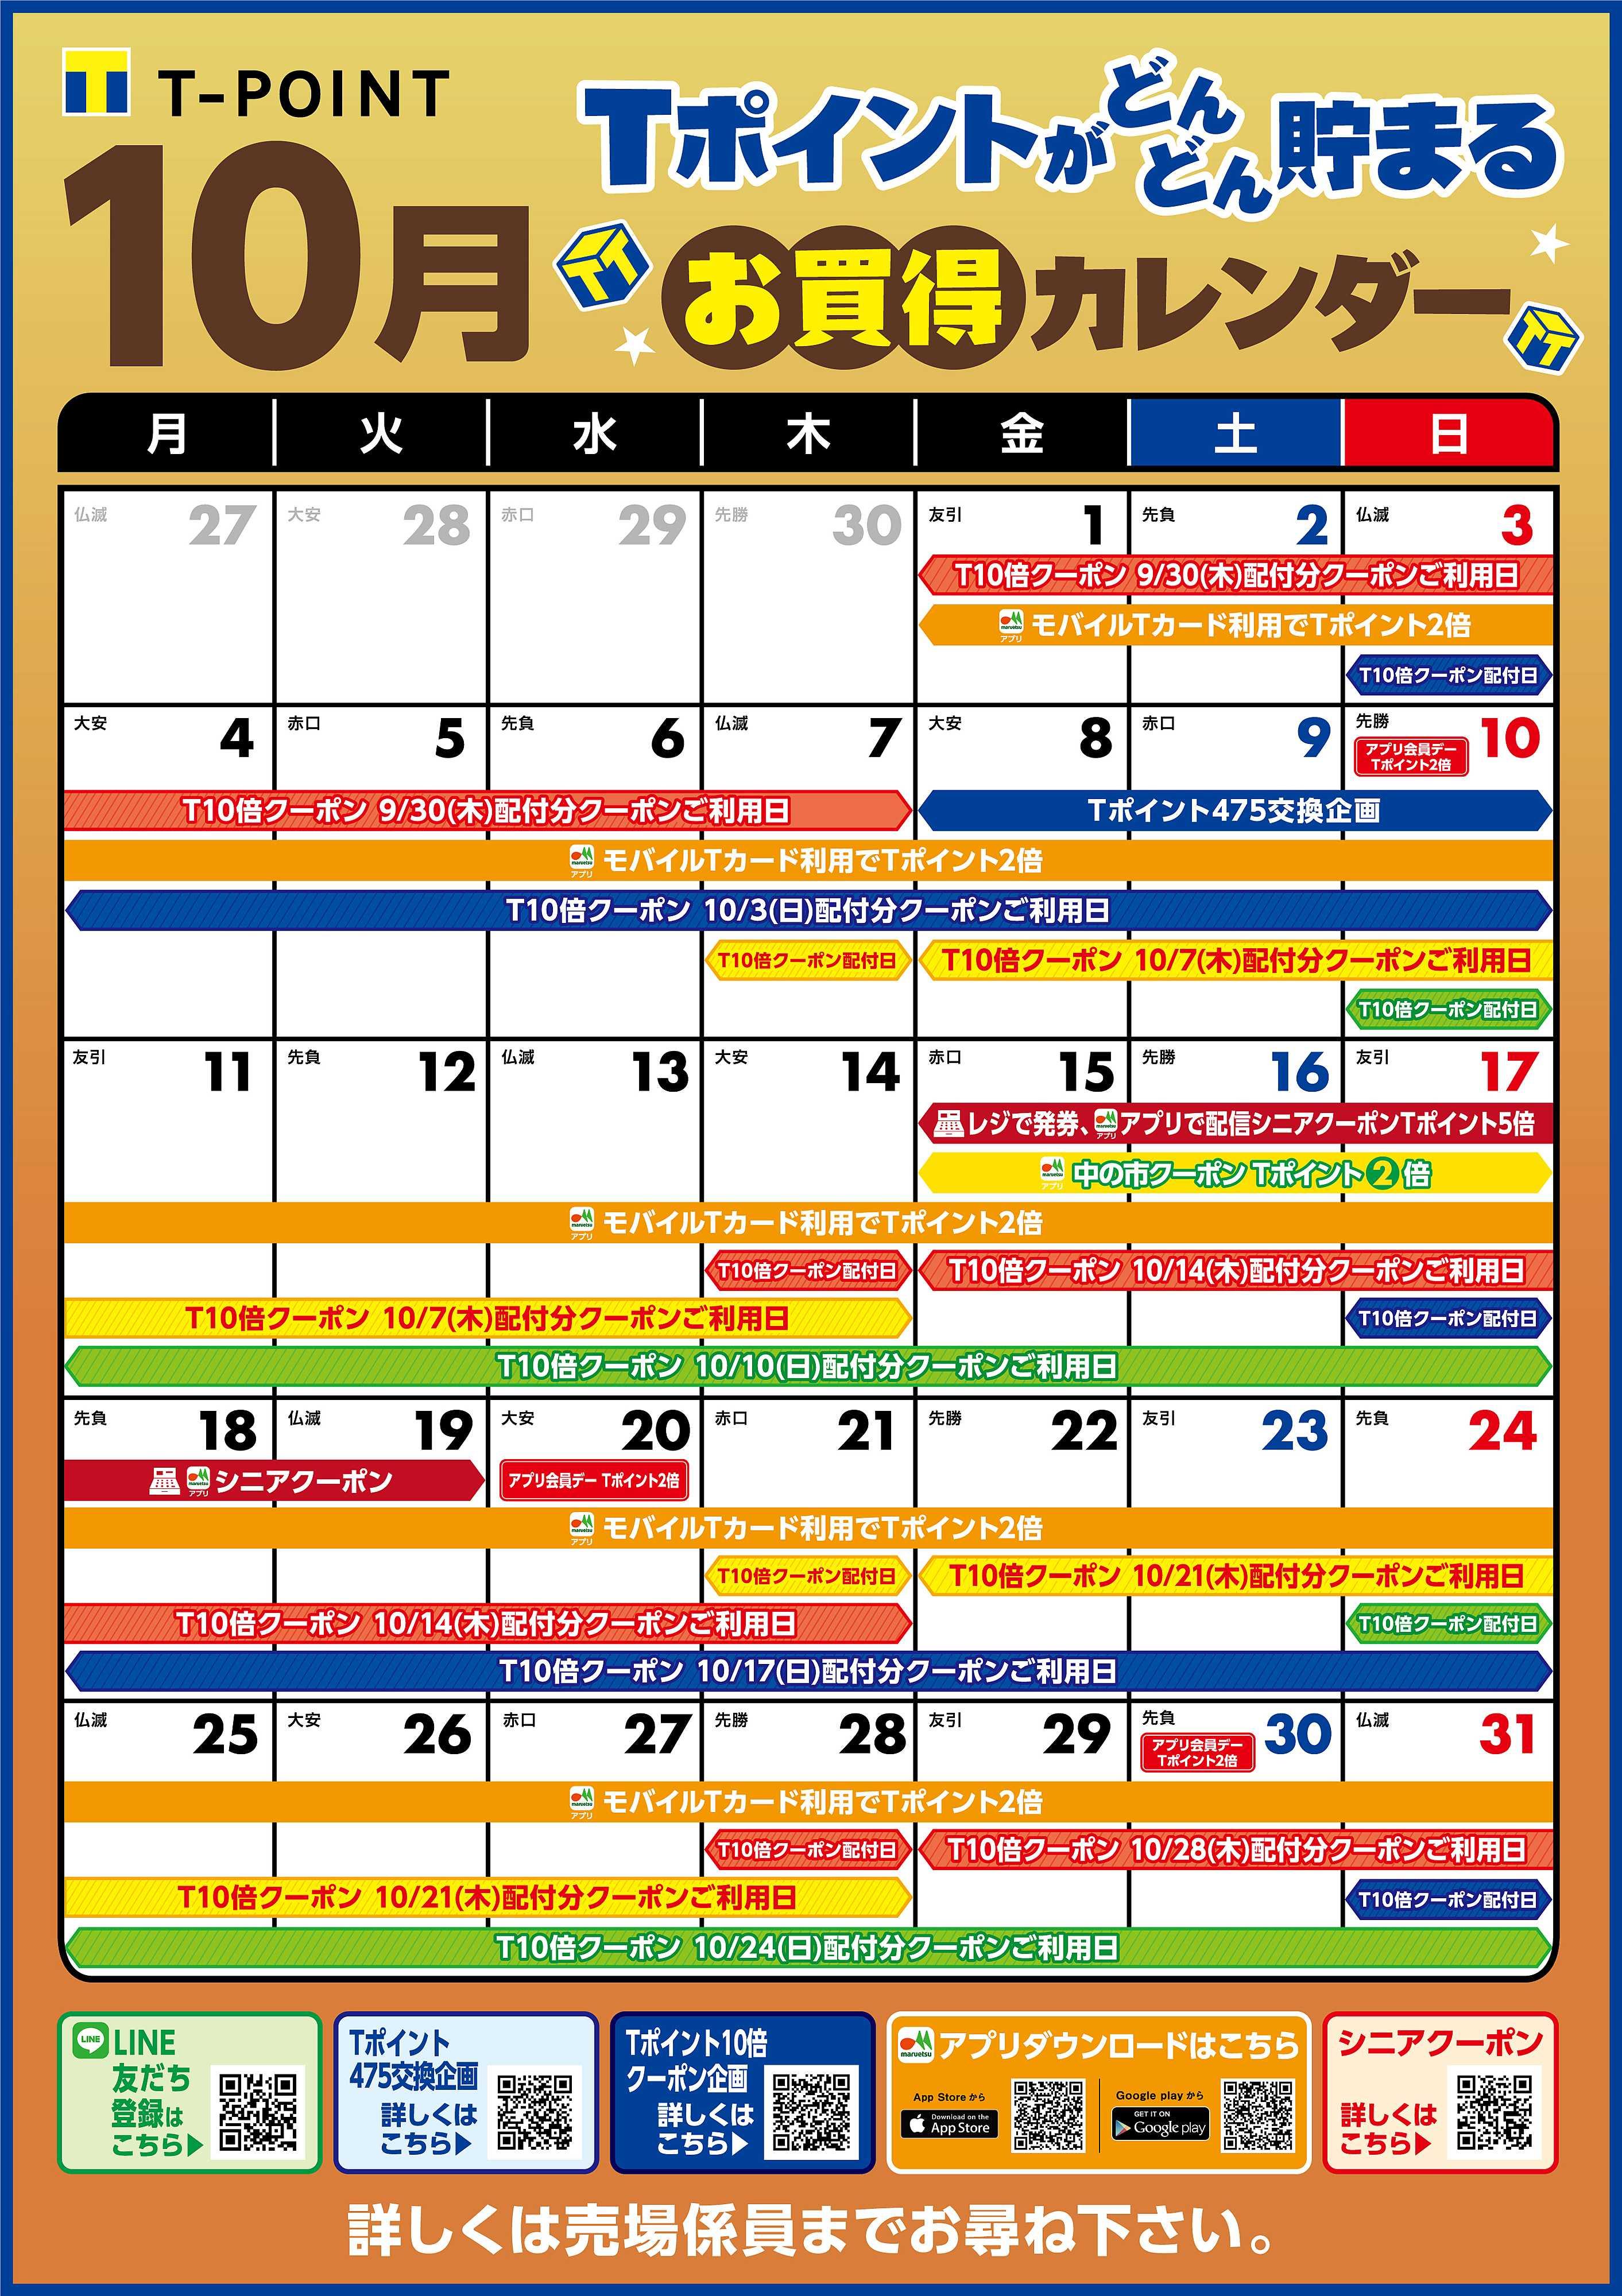 Compressed 1001 calendar 10bai%e8%a1%a8